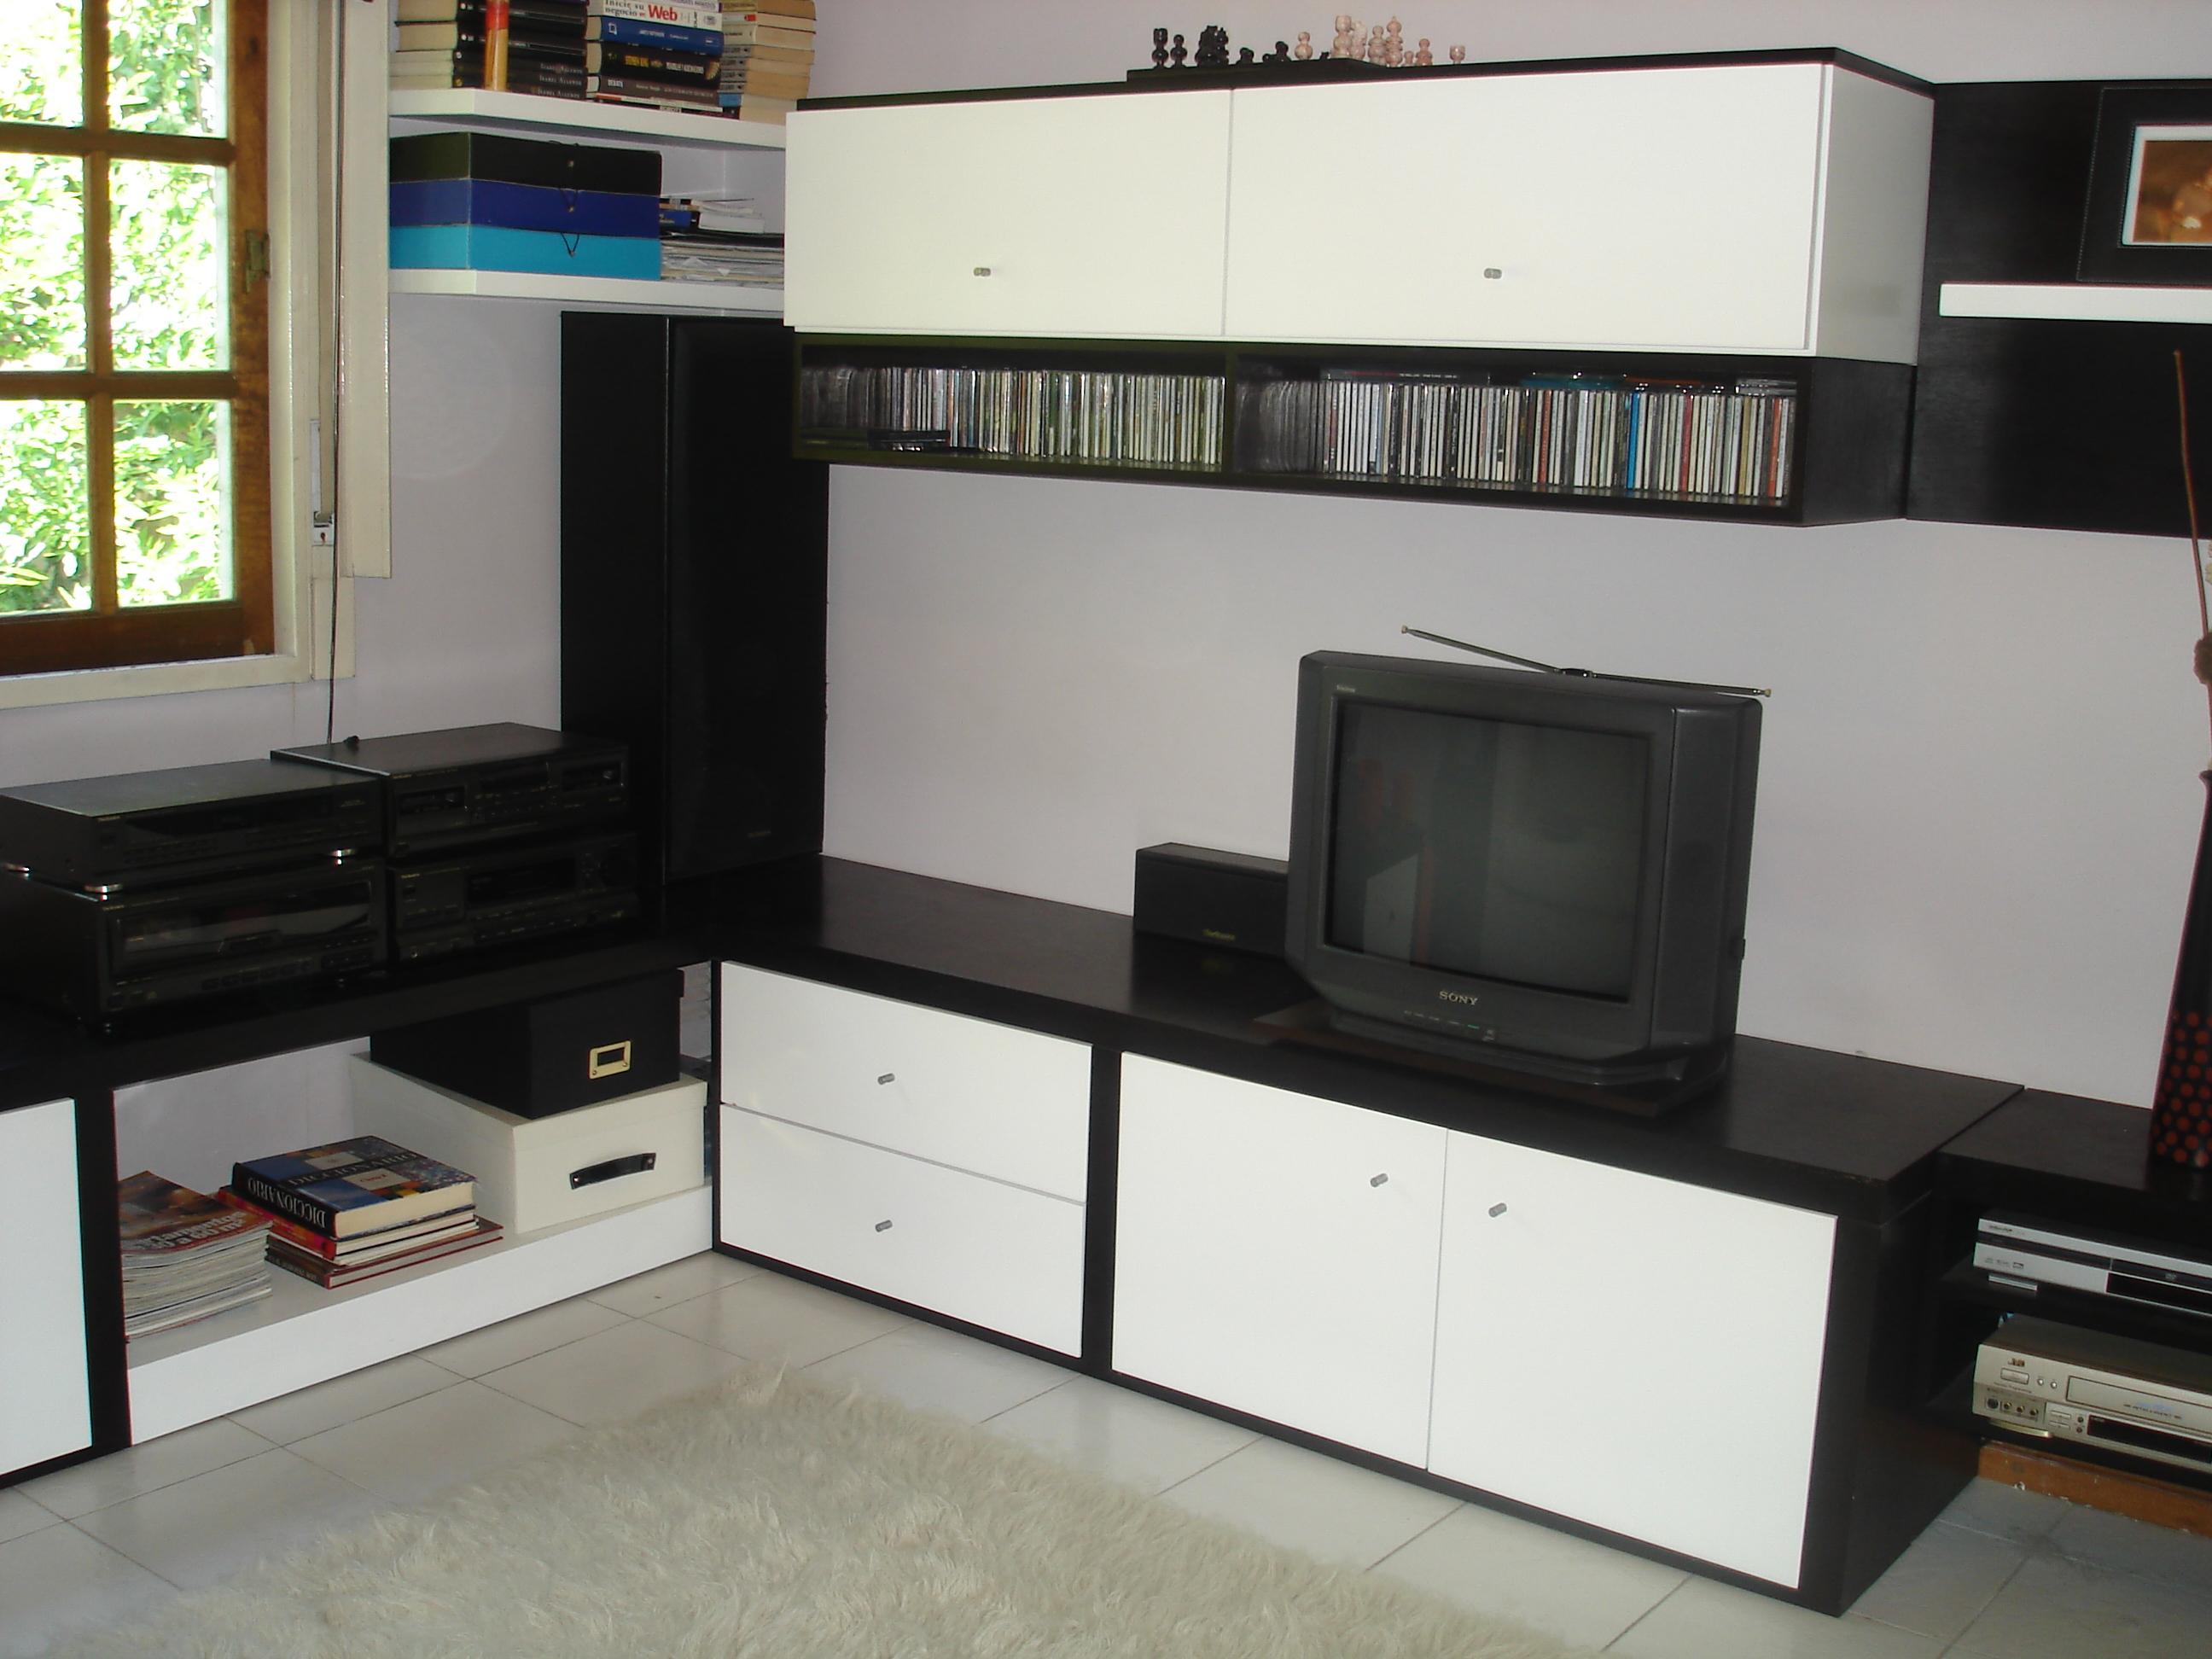 Muebles para living y dormitorio departamento godoy cruz for Casa muebles palermo